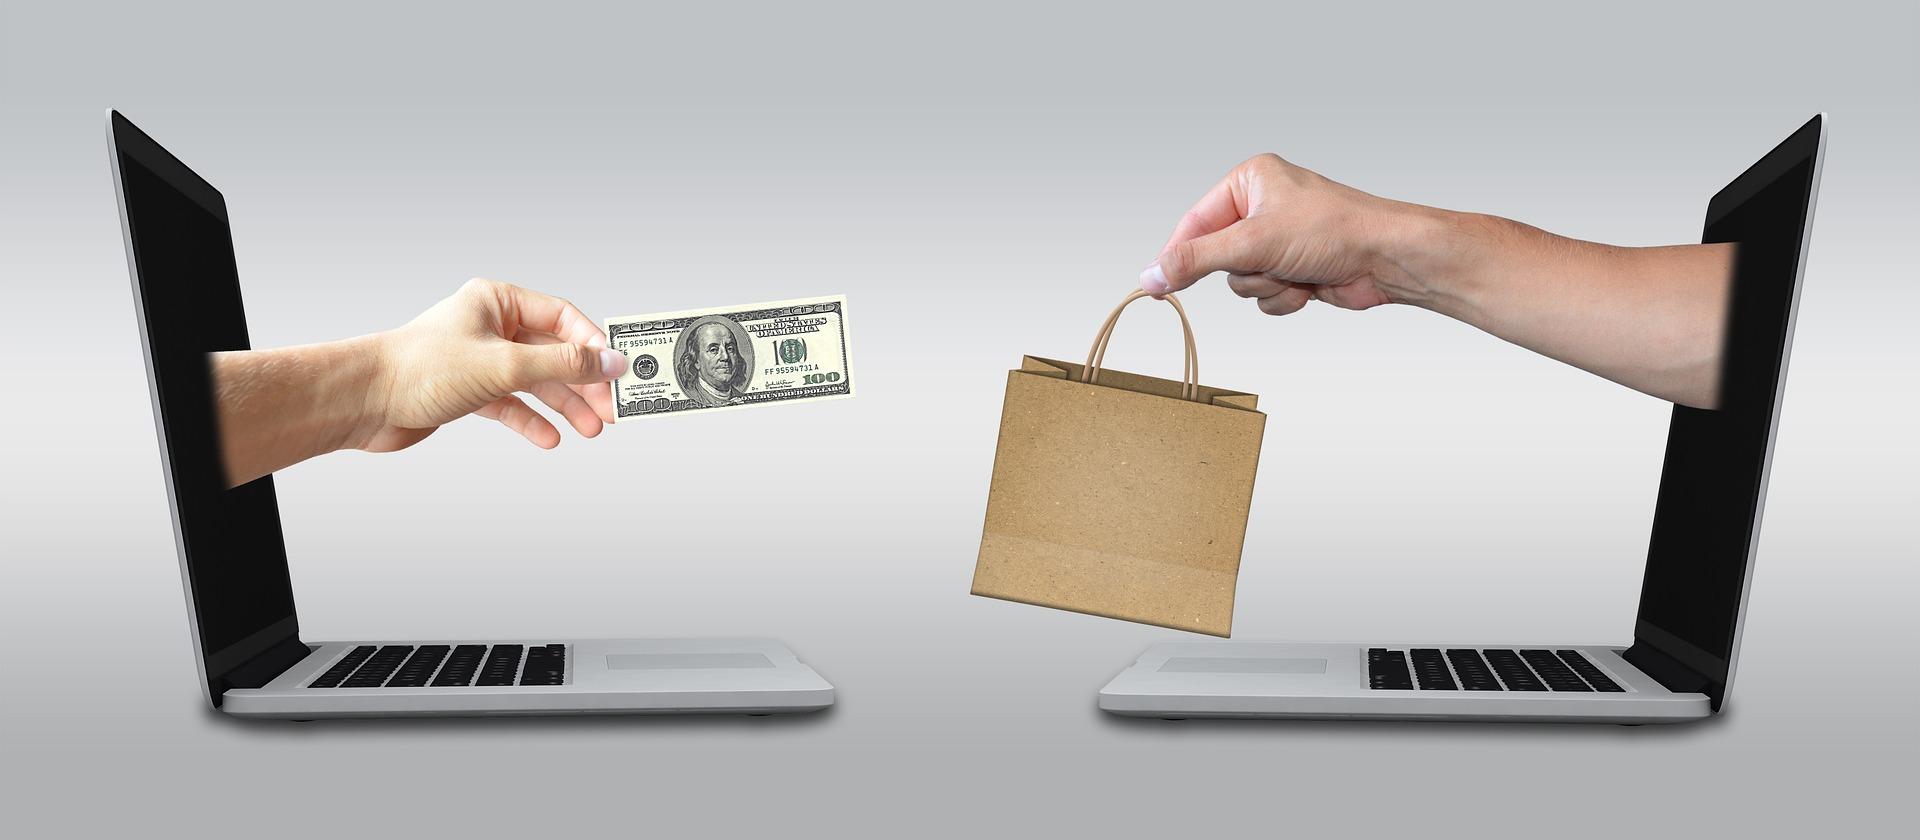 CHƯƠNG II: NGUỒN HÀNG - Làm sao để order mặt hàng nước ngoài để kinh doanh?